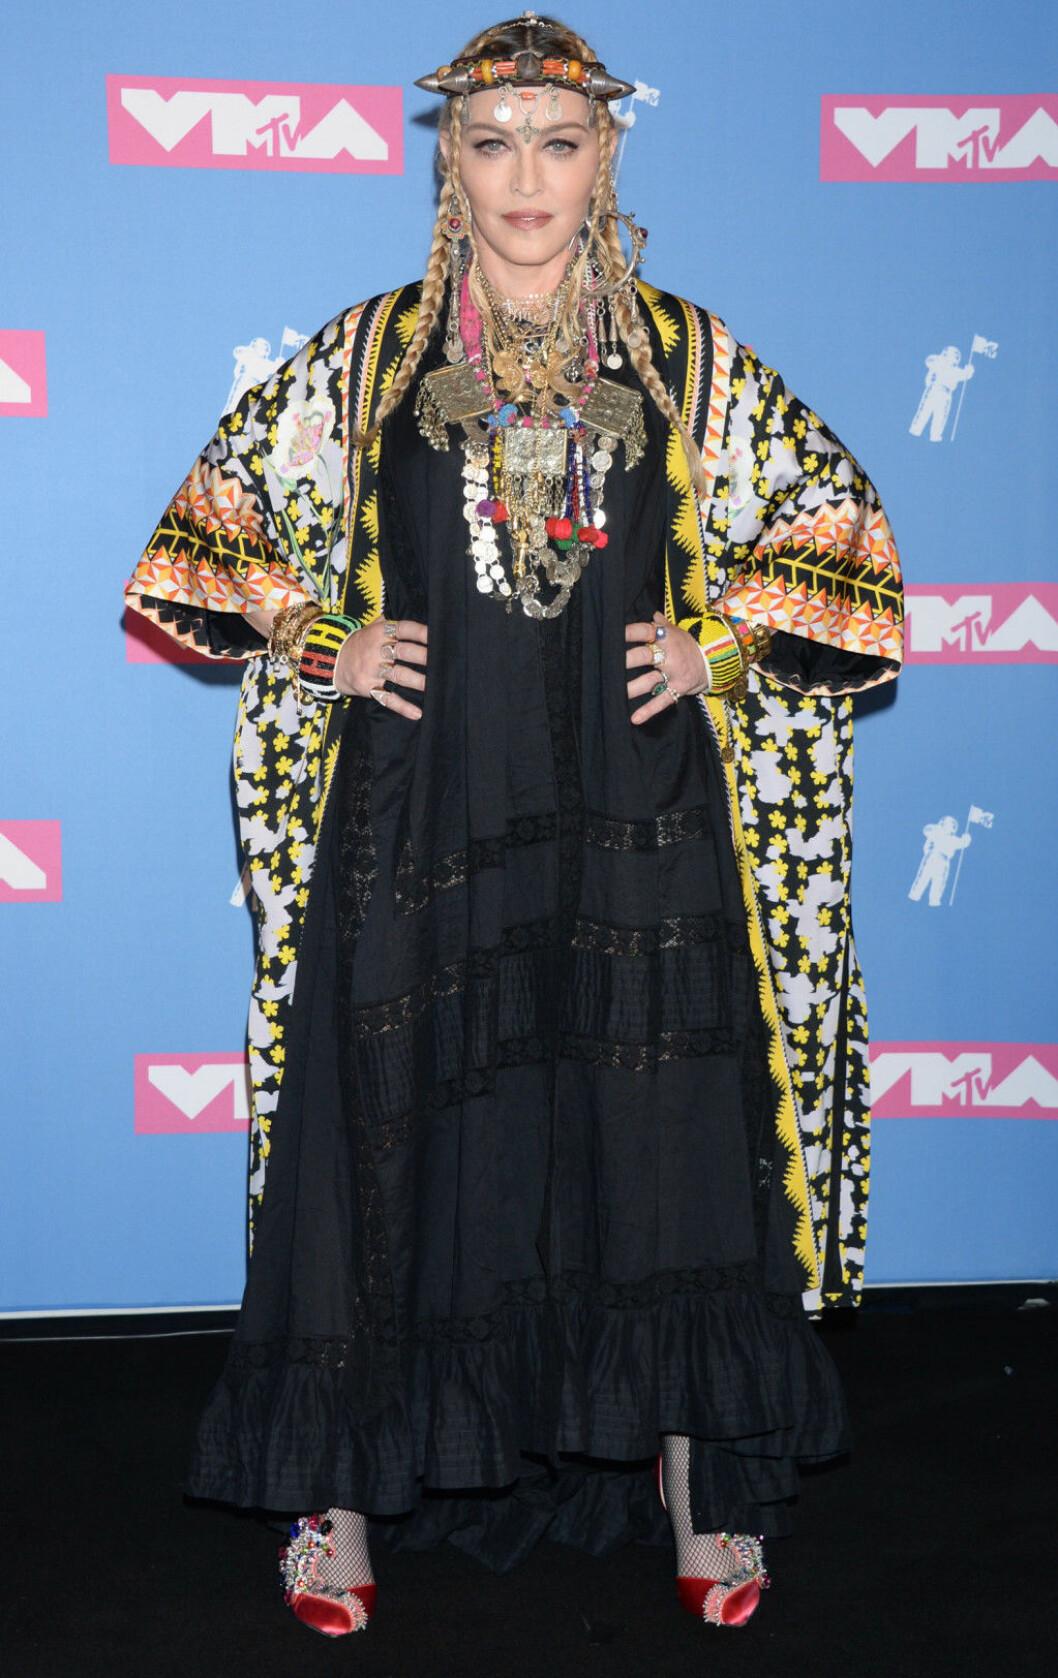 Madonna Foto: Scanpix